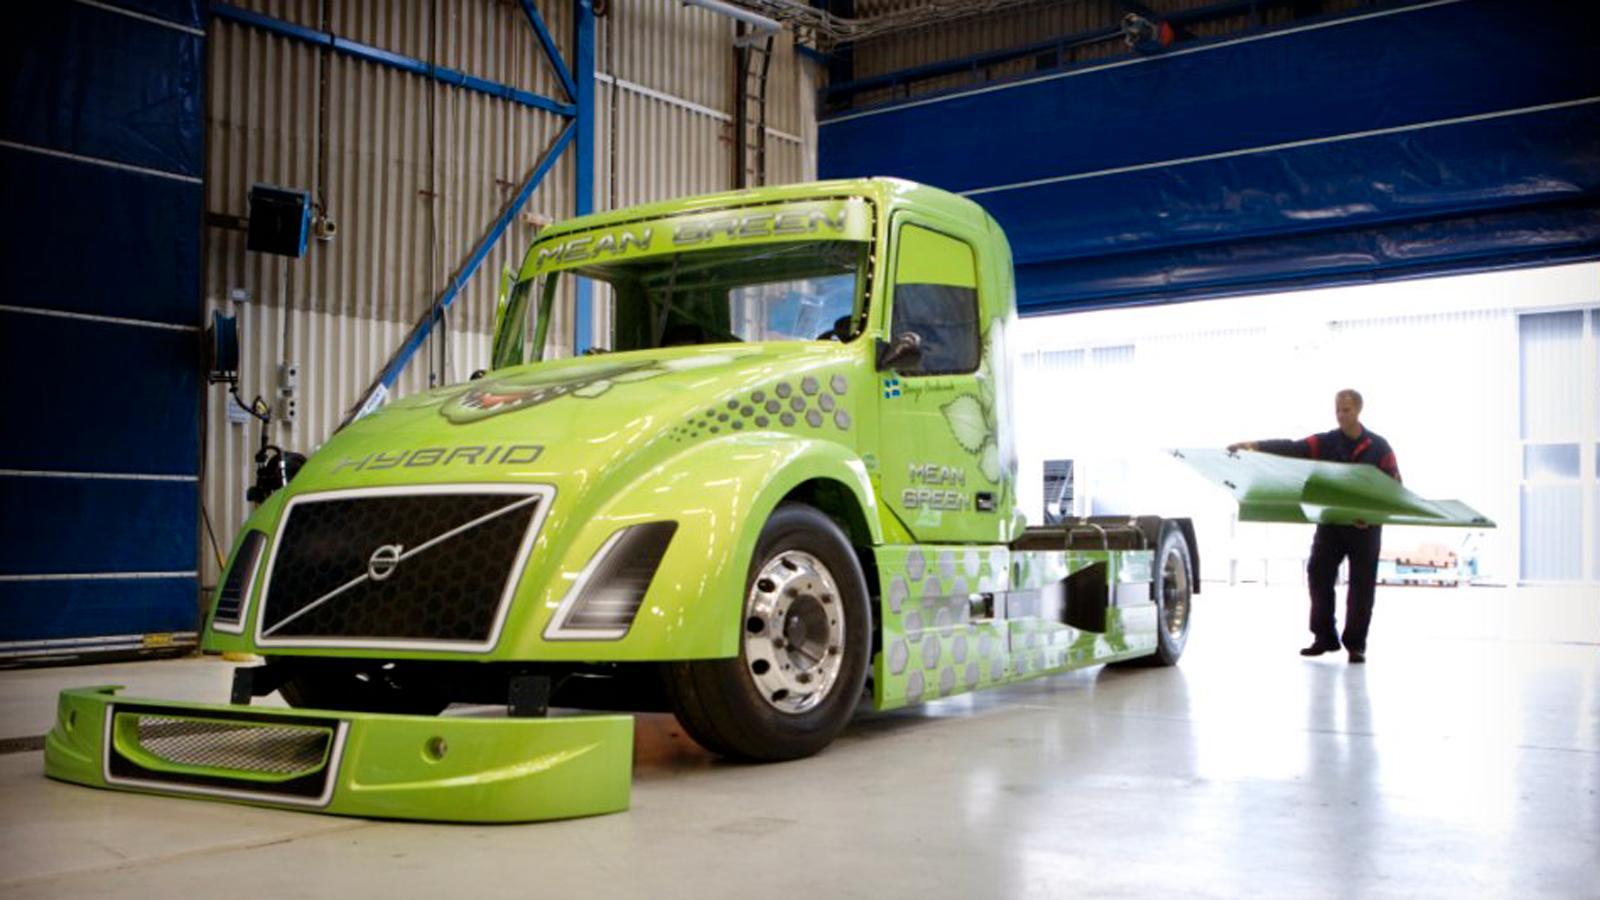 Mean Green är namnet på trucken som ska bärga rekordet för Volvo.